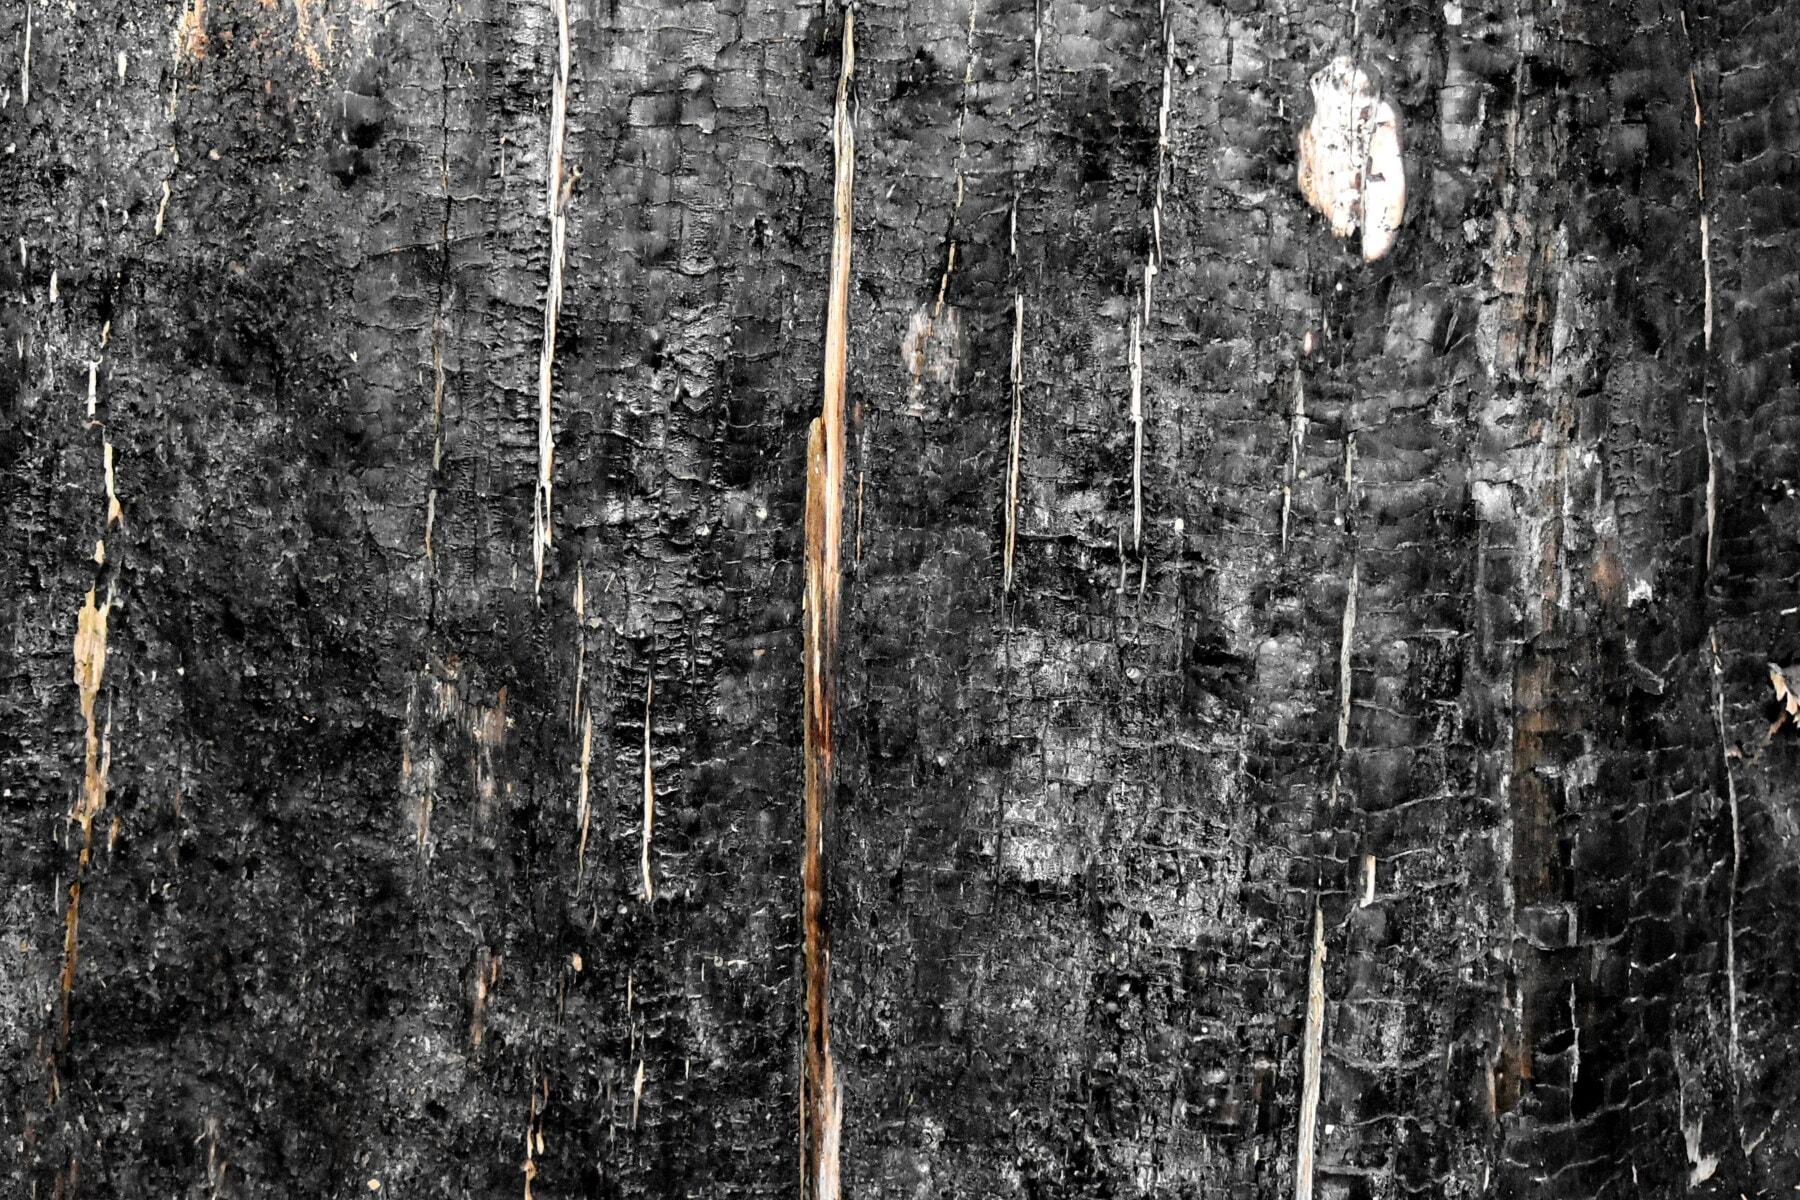 snimanje, crno, tekstura, drvo, ugljen, pepeo, prljavi, detalj, staro, drvo